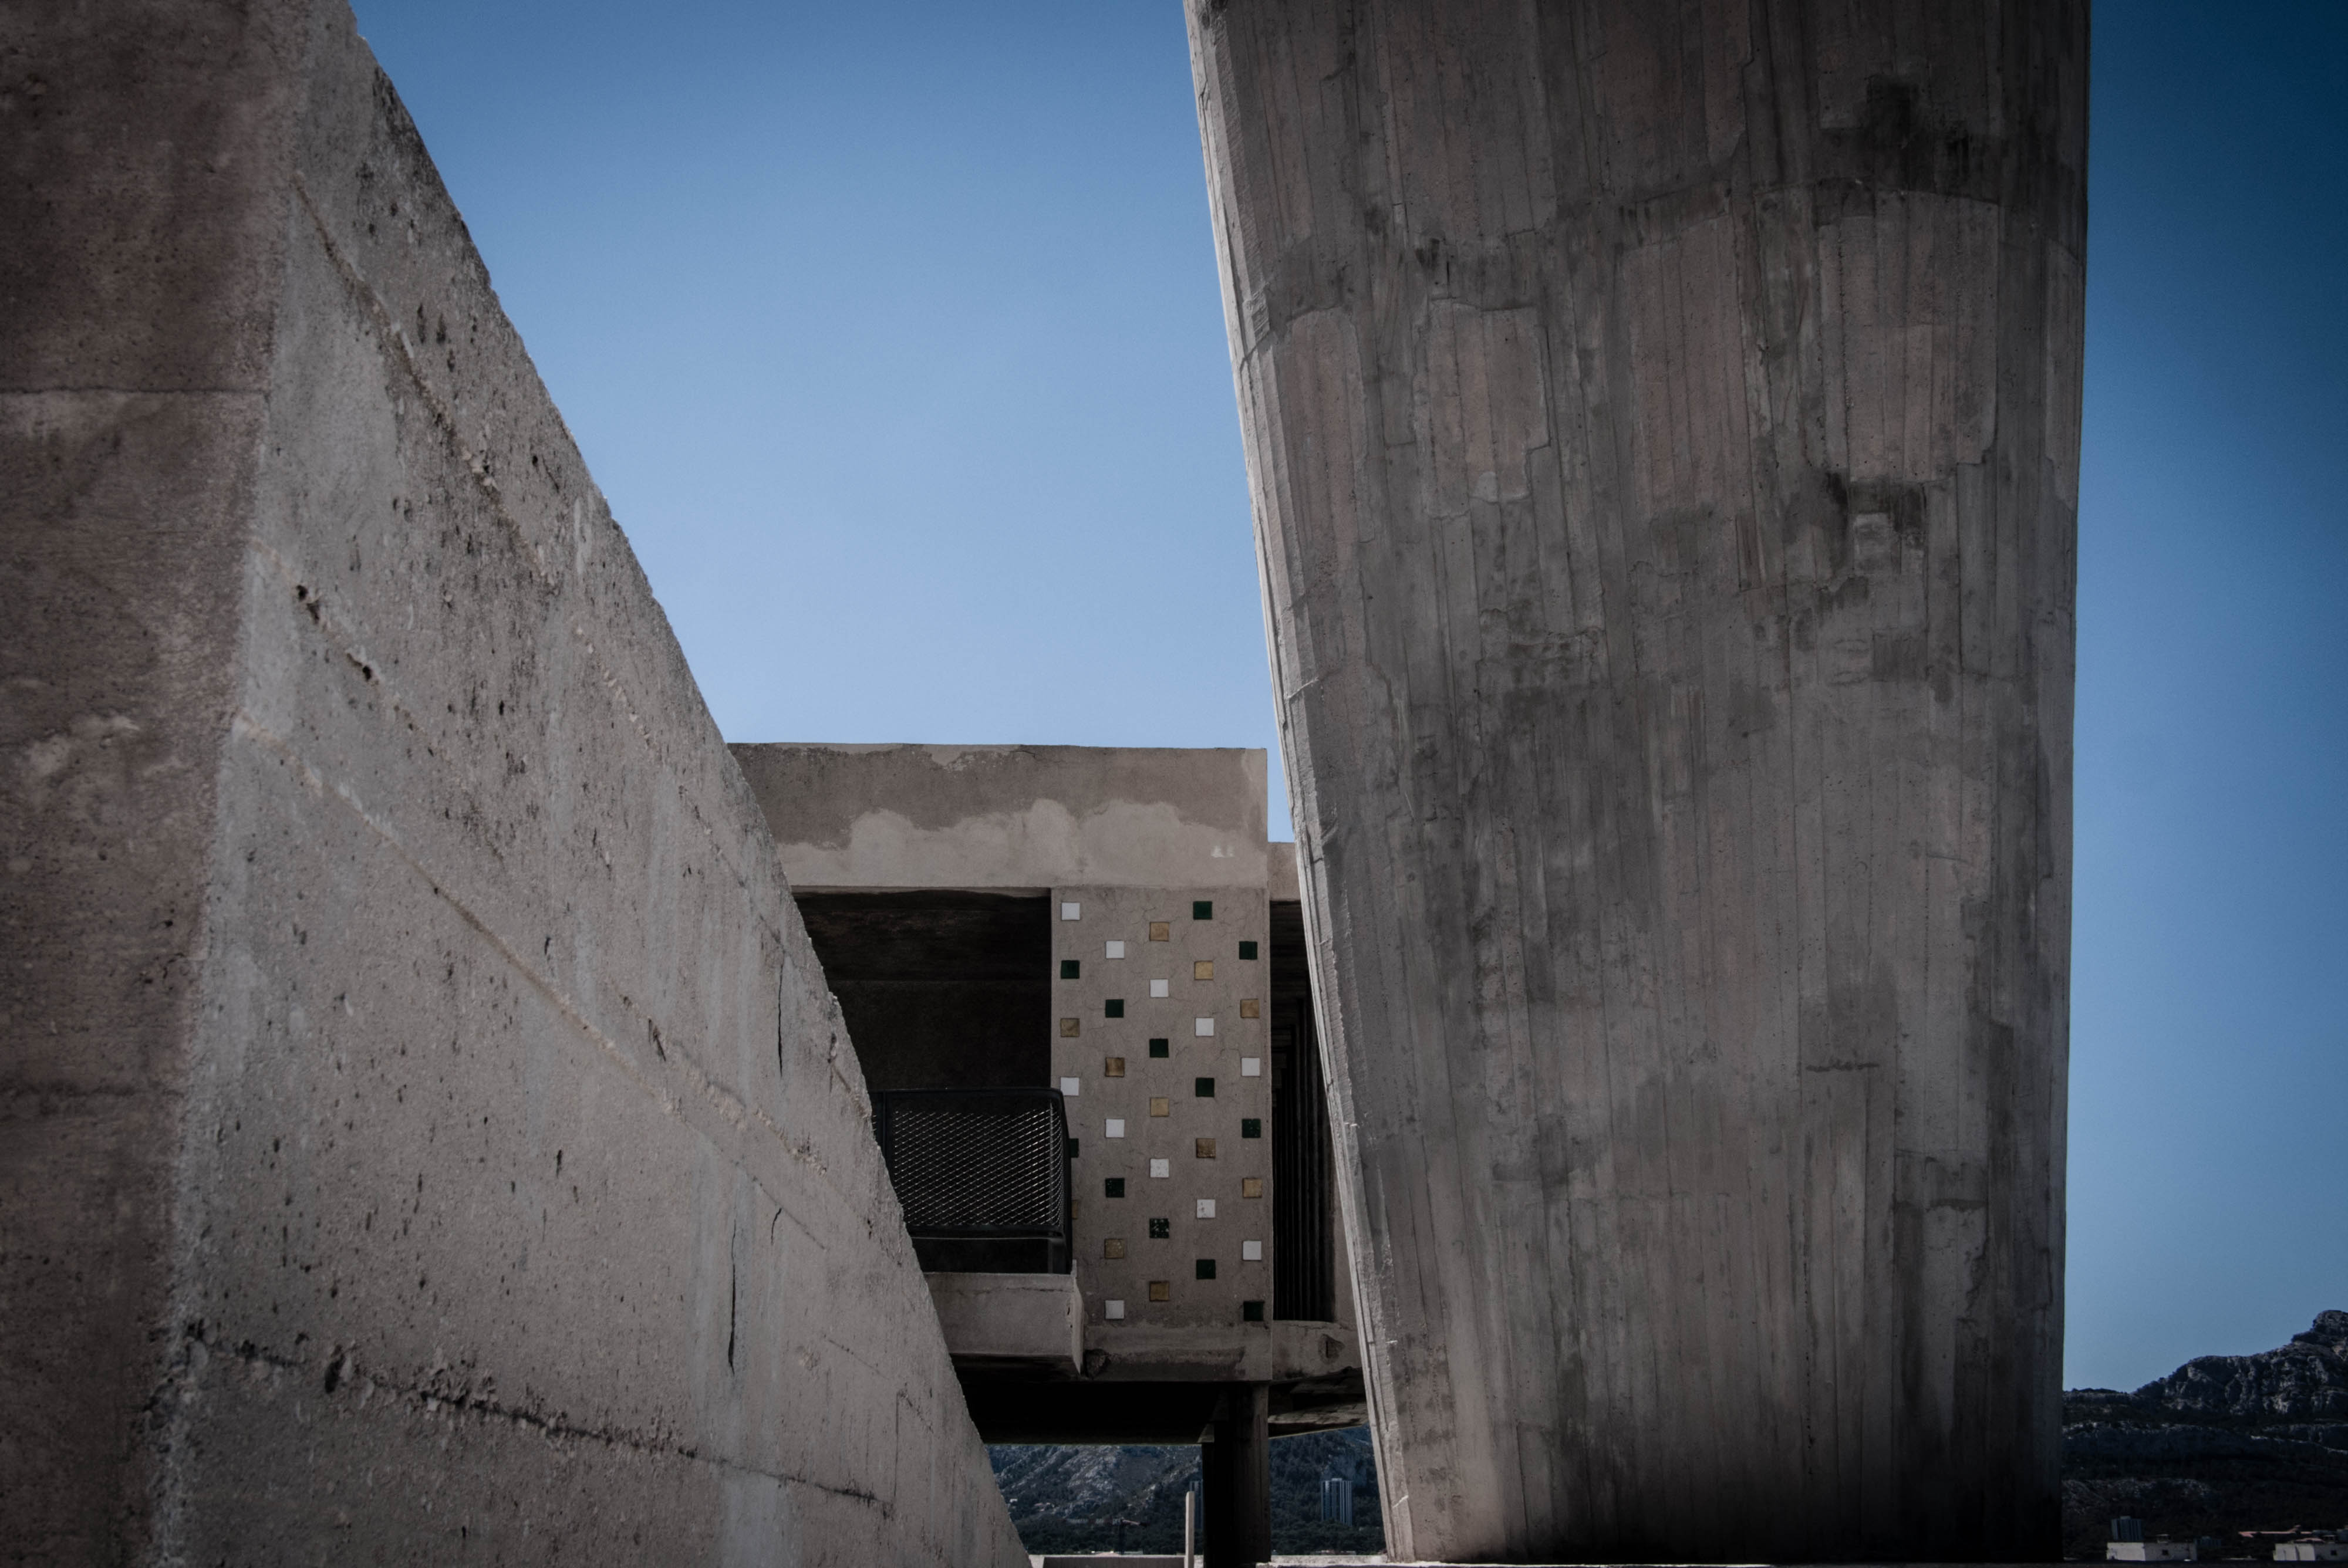 Le Corbusier #13